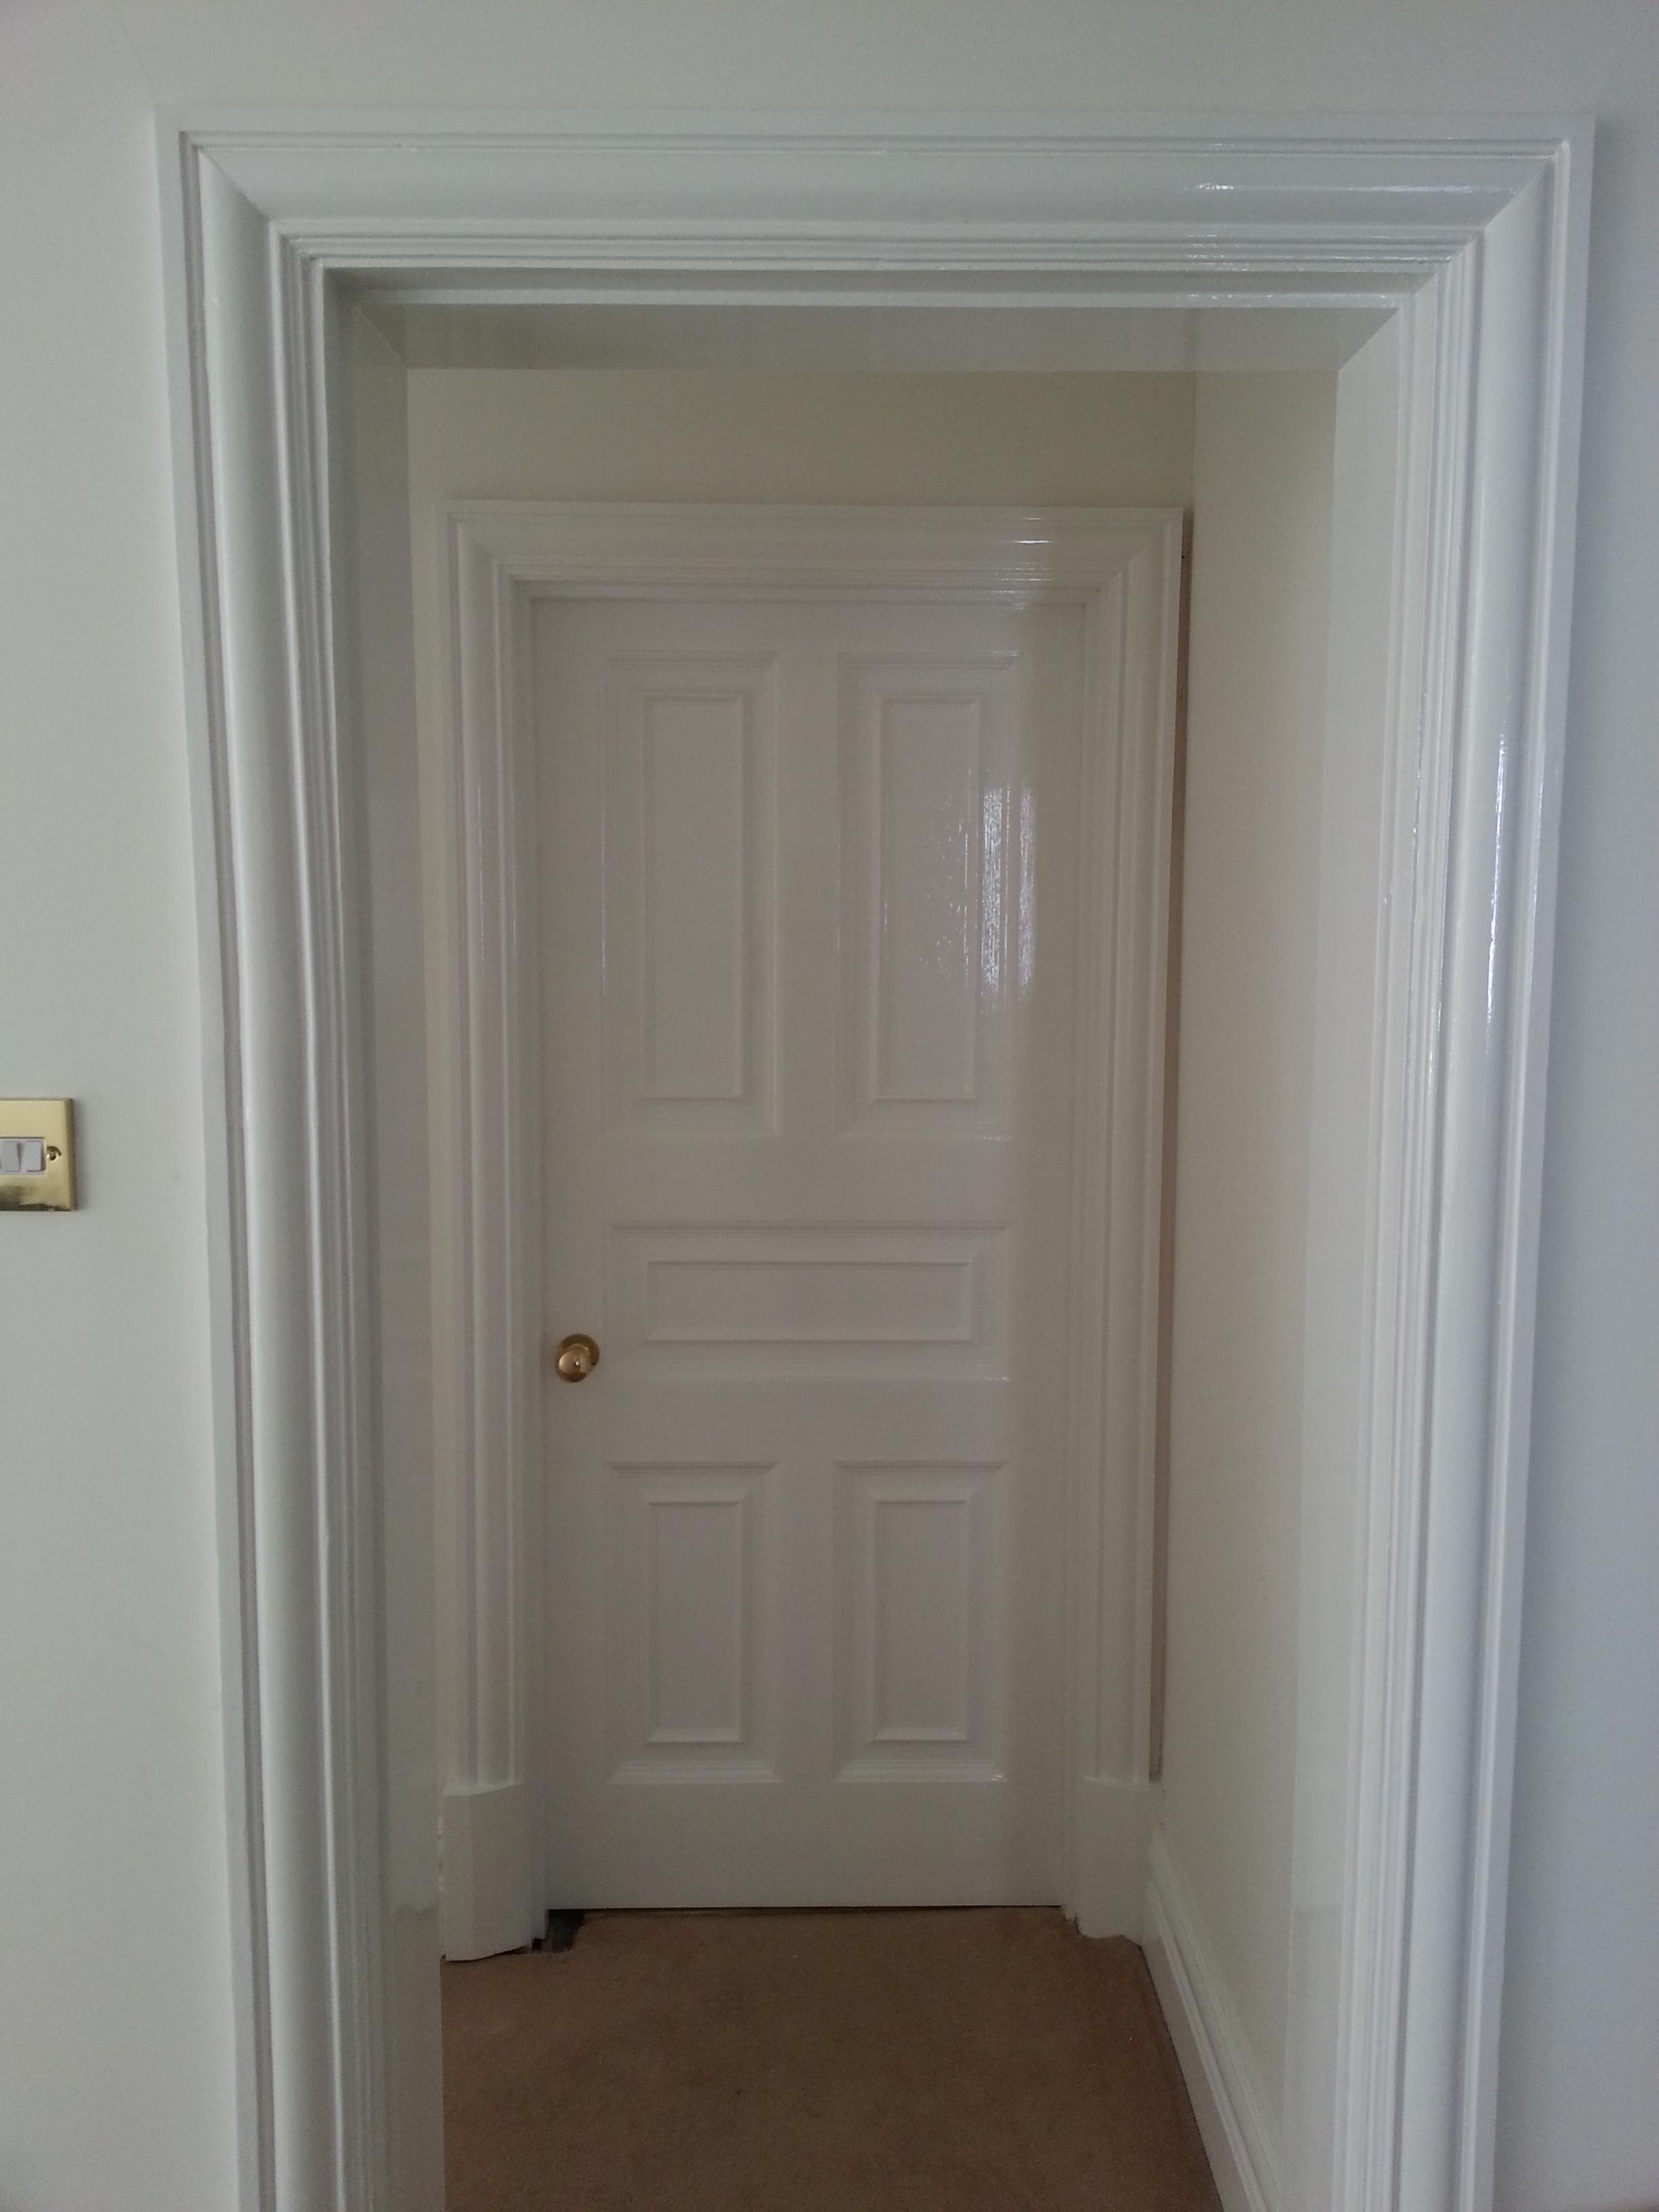 S - 5 Panel Door Guildford.jpg